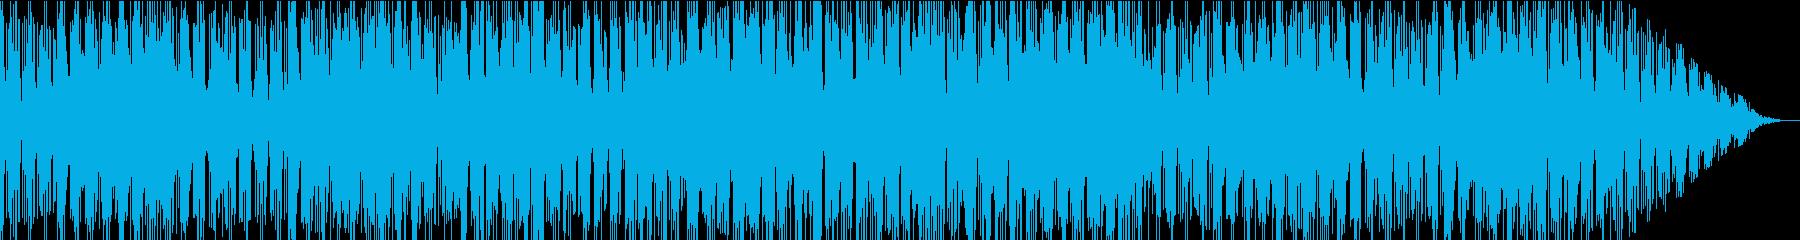 SAXメインのクールなファンクJazzの再生済みの波形